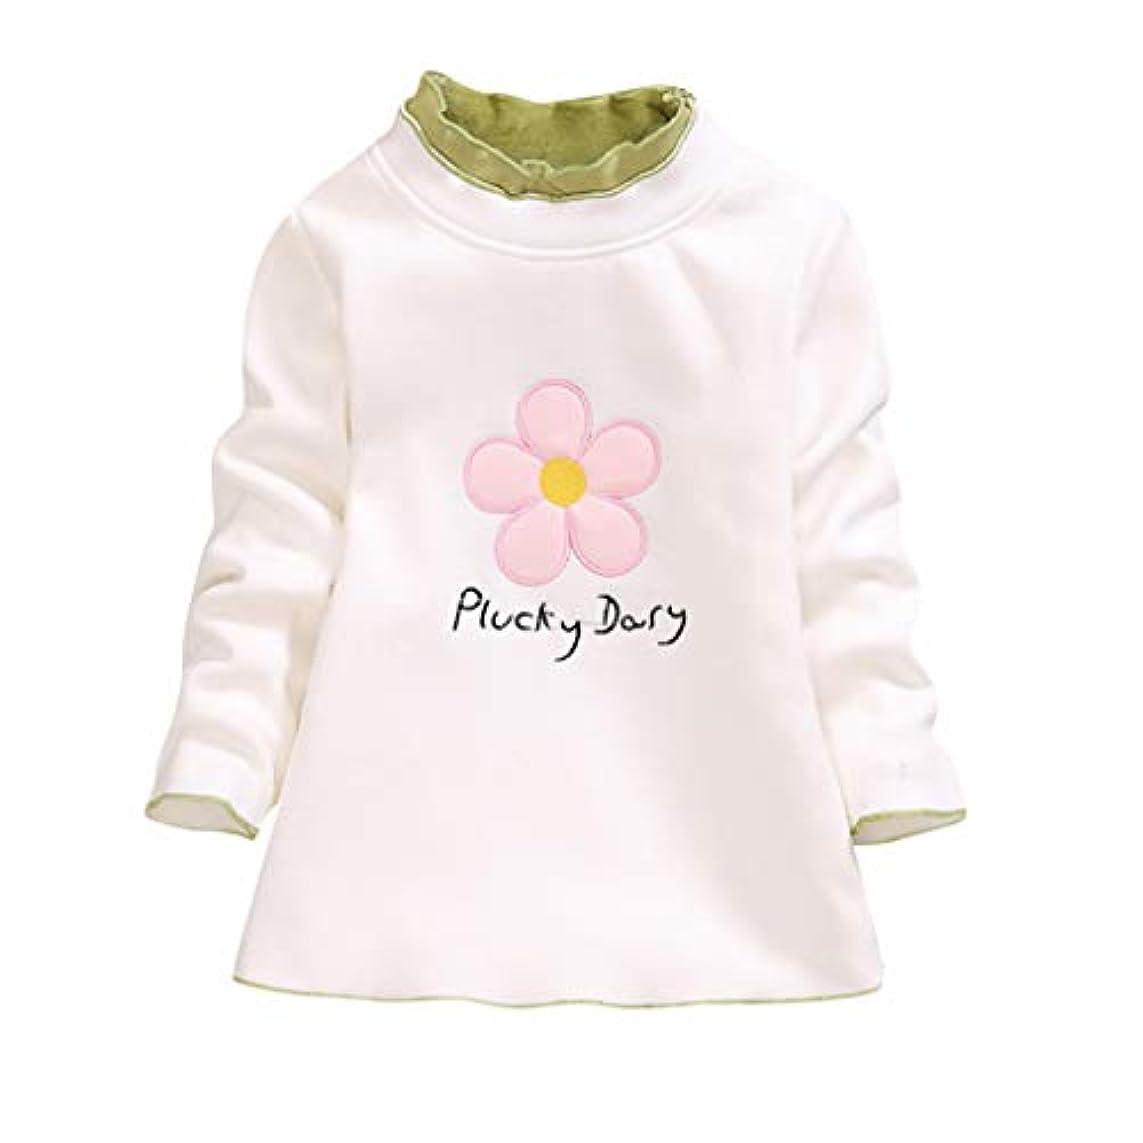 保安避難眩惑するpiucky dasy トップスベルベット ボトミングシャツ子供赤ちゃんTシャツ花柄ラウンドカラー 可愛い女の子上着(2歳-6歳)